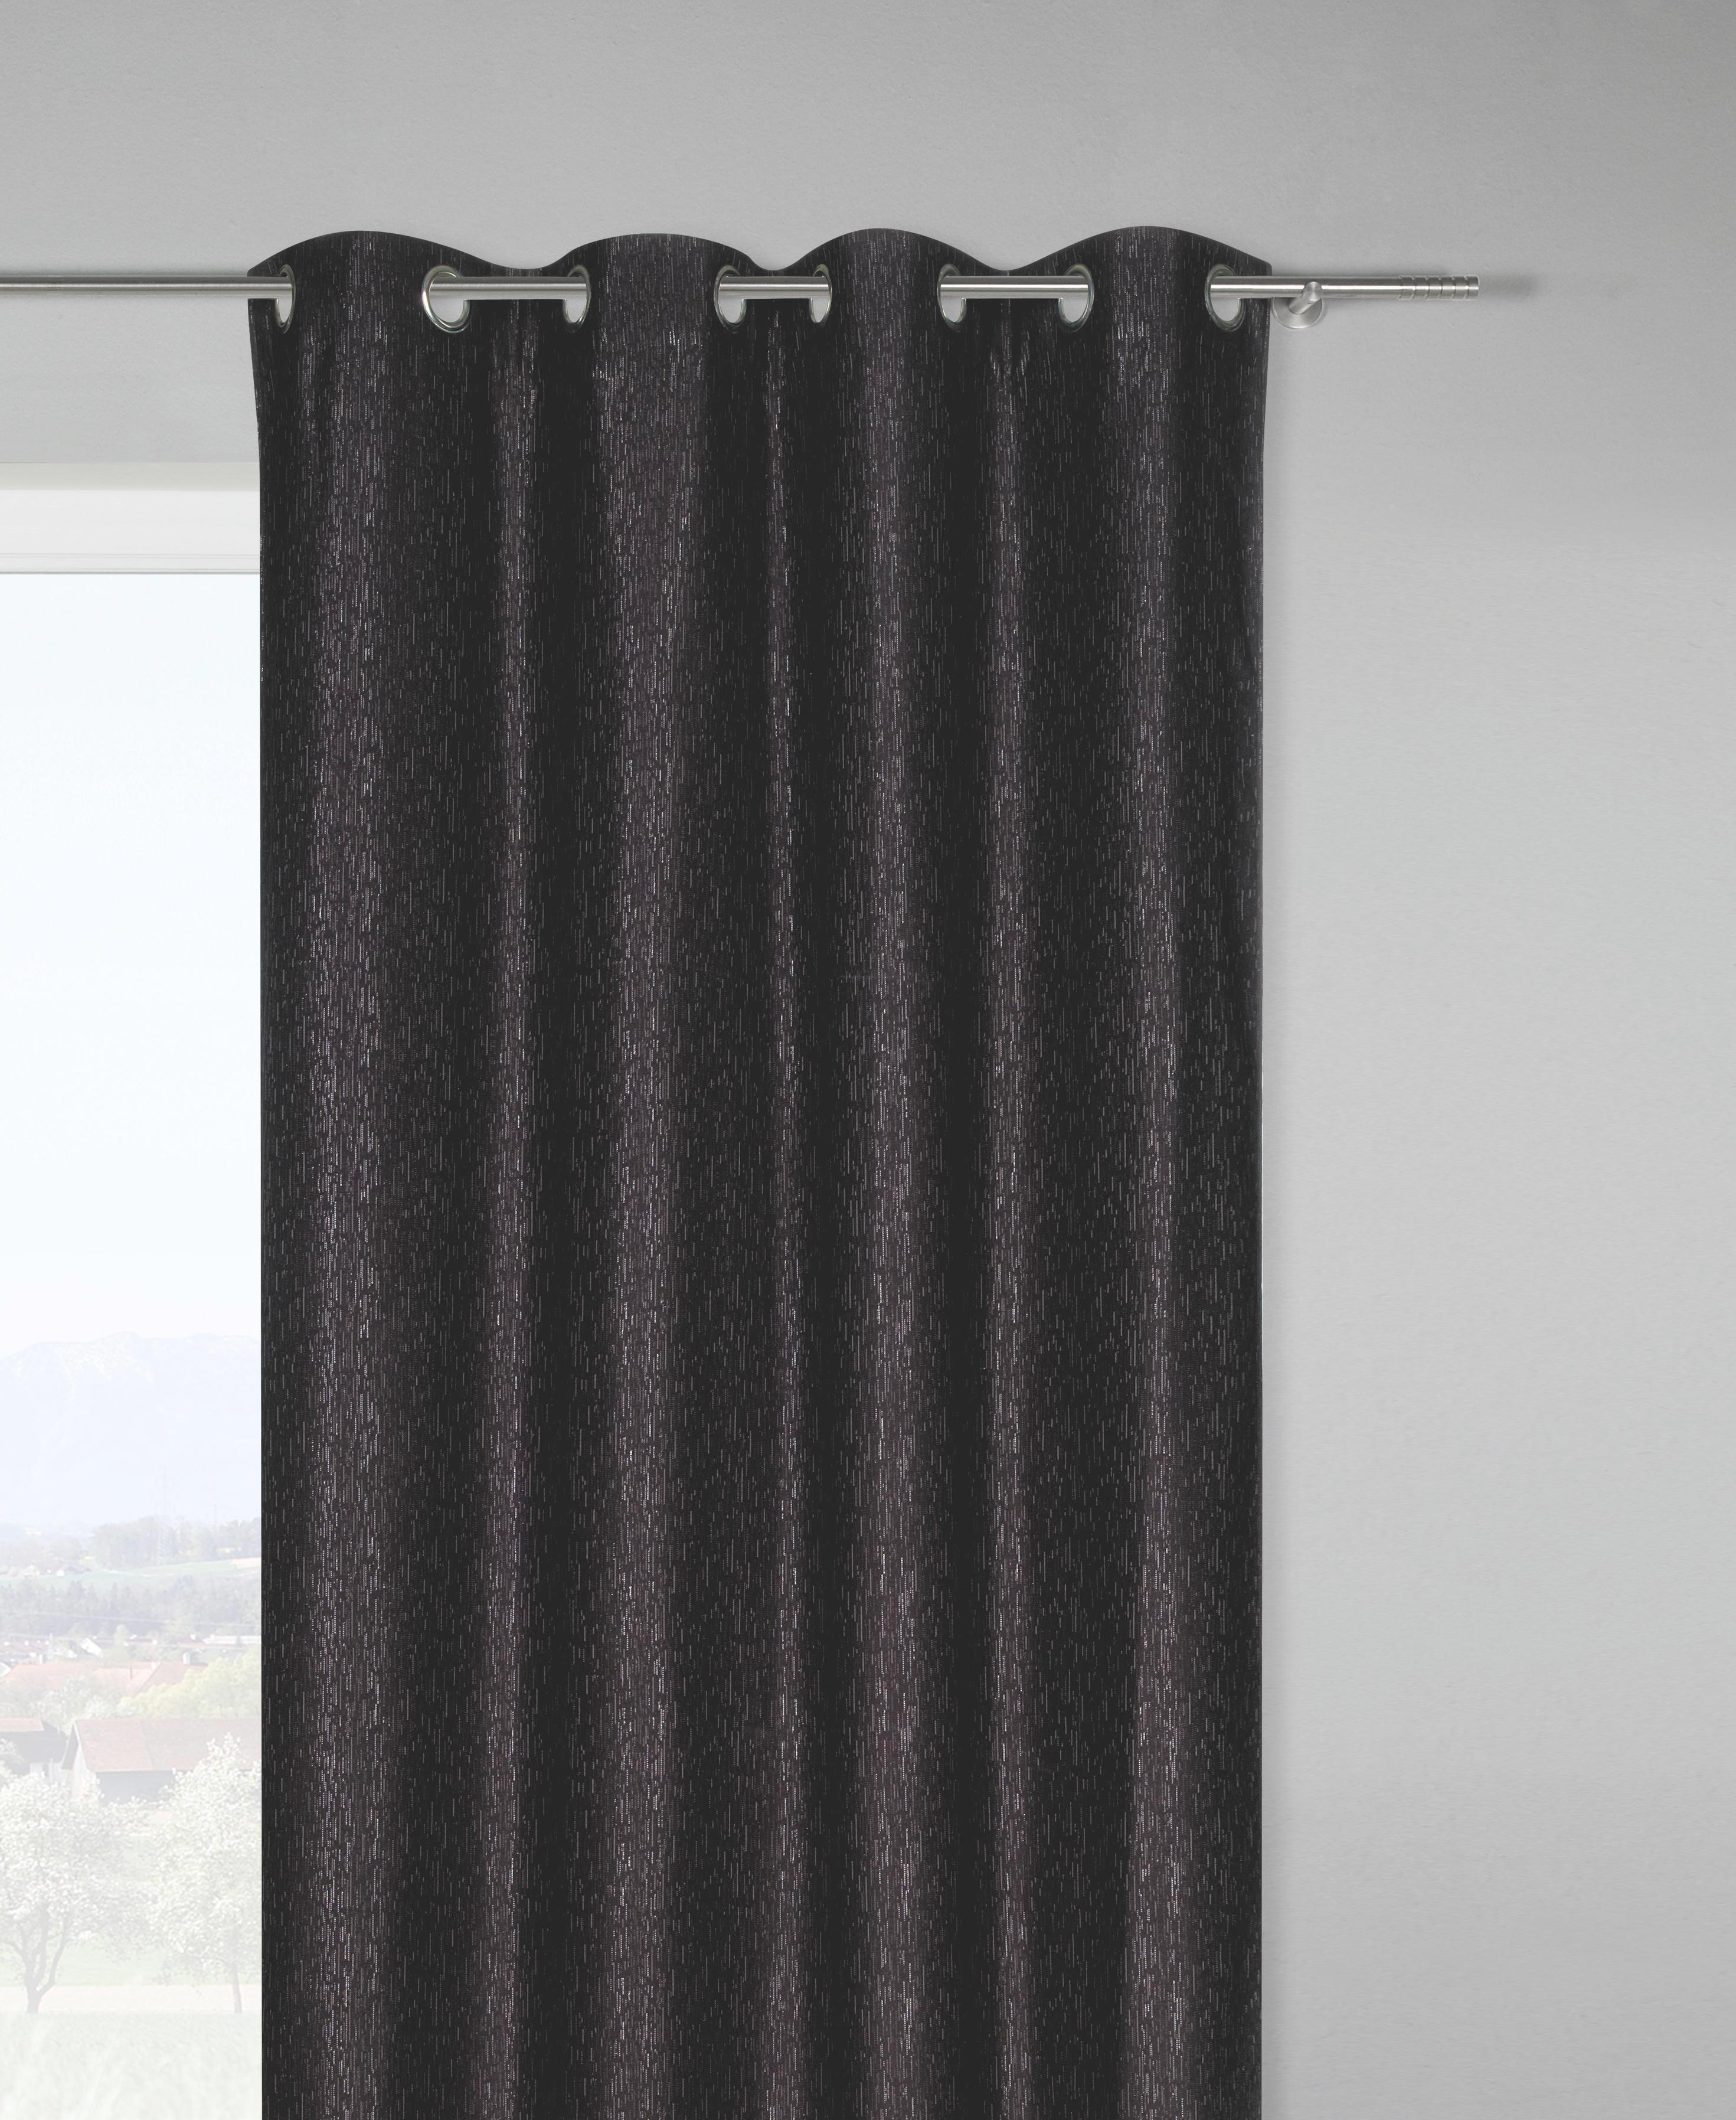 Készfüggöny Martin - fekete, Lifestyle, textil (140/245cm) - MÖMAX modern living